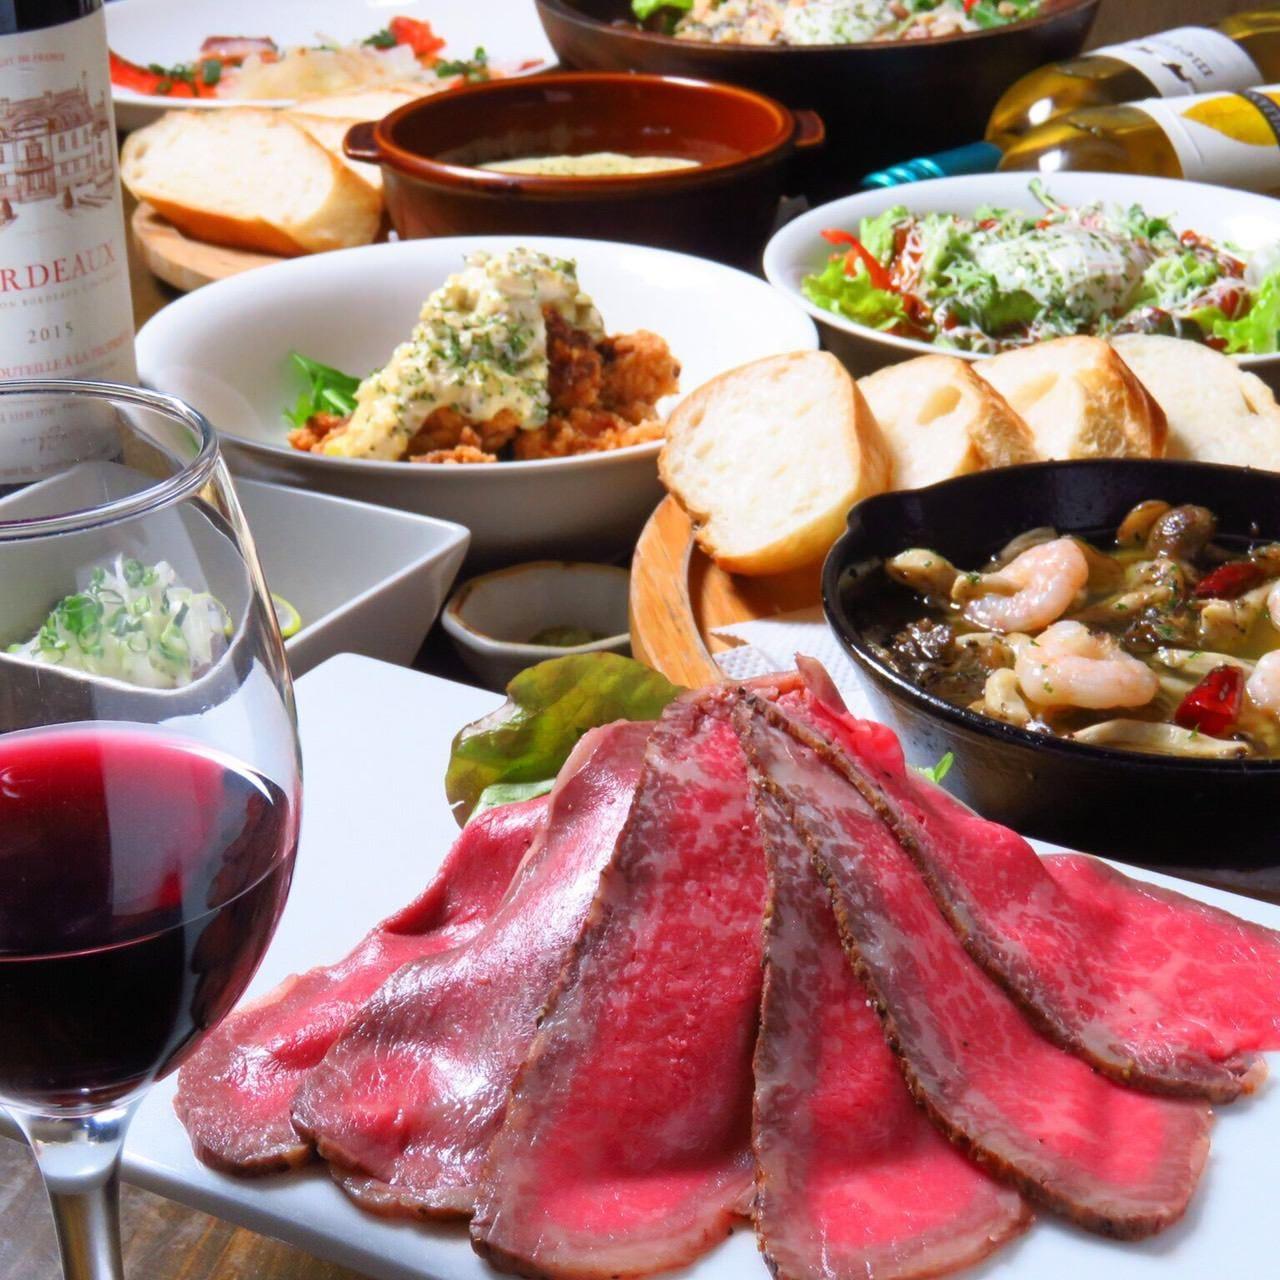 食材や調理法までこだわった、とろける肉料理が自慢です